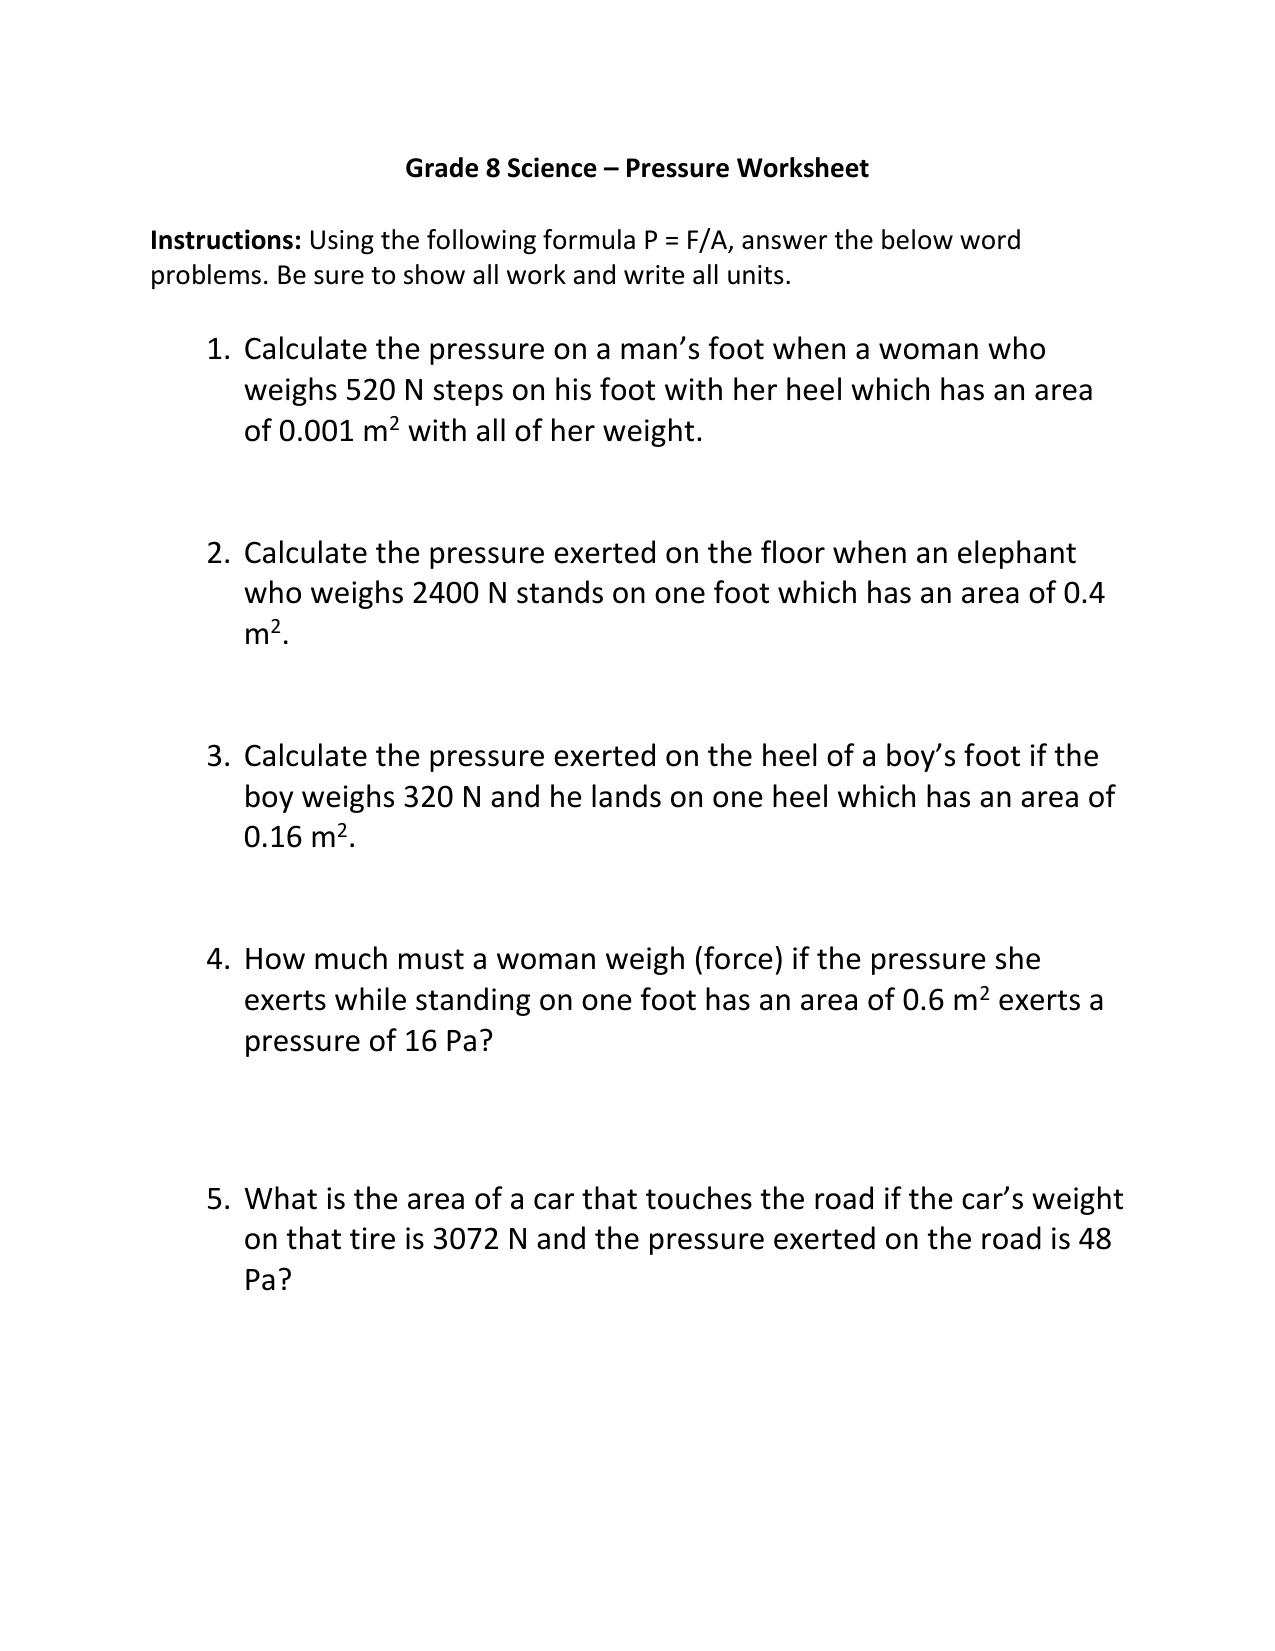 Pressure Worksheet 1